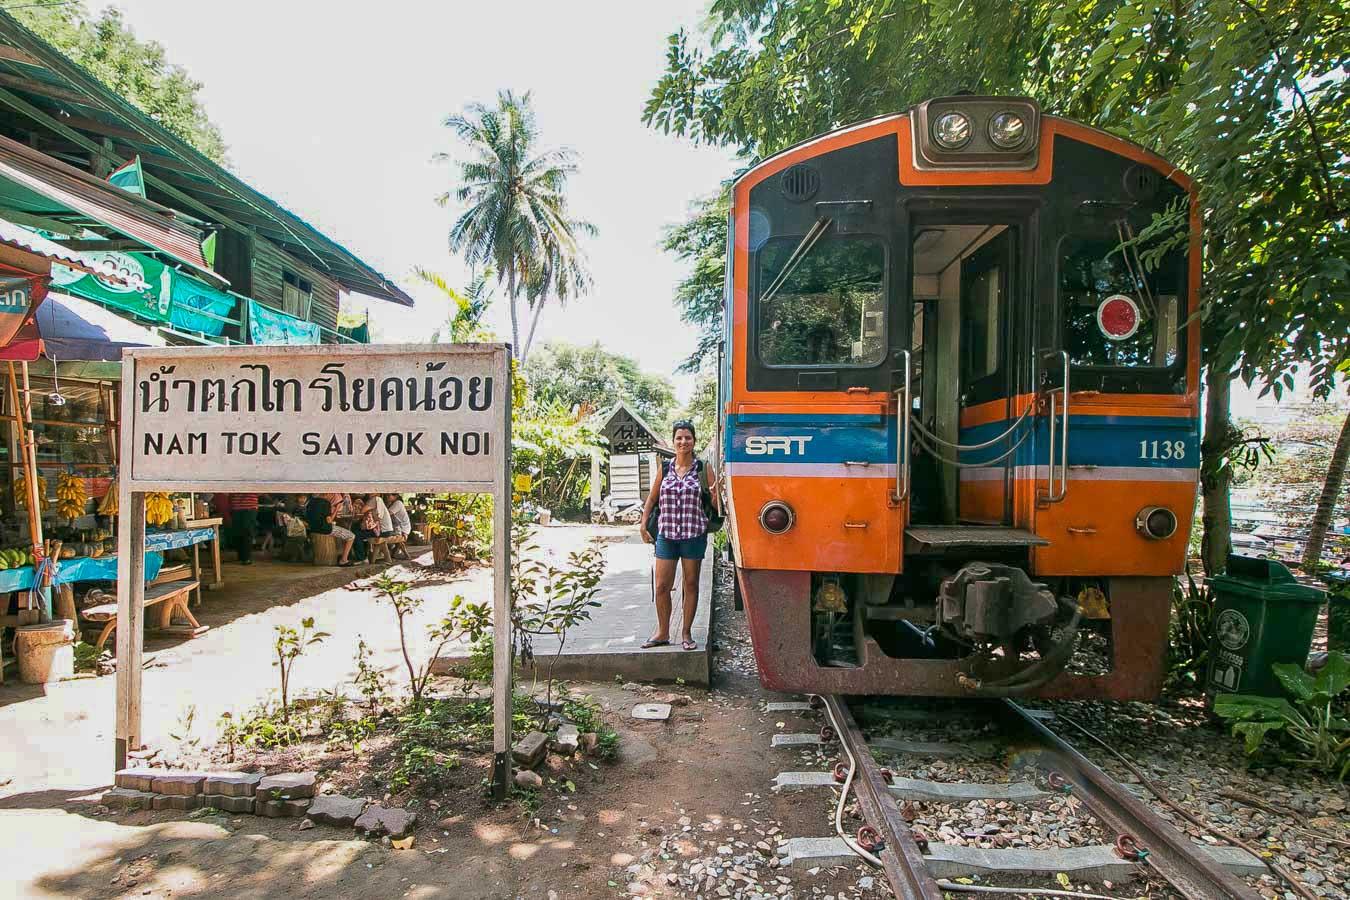 quanto custa viajar para tailandia